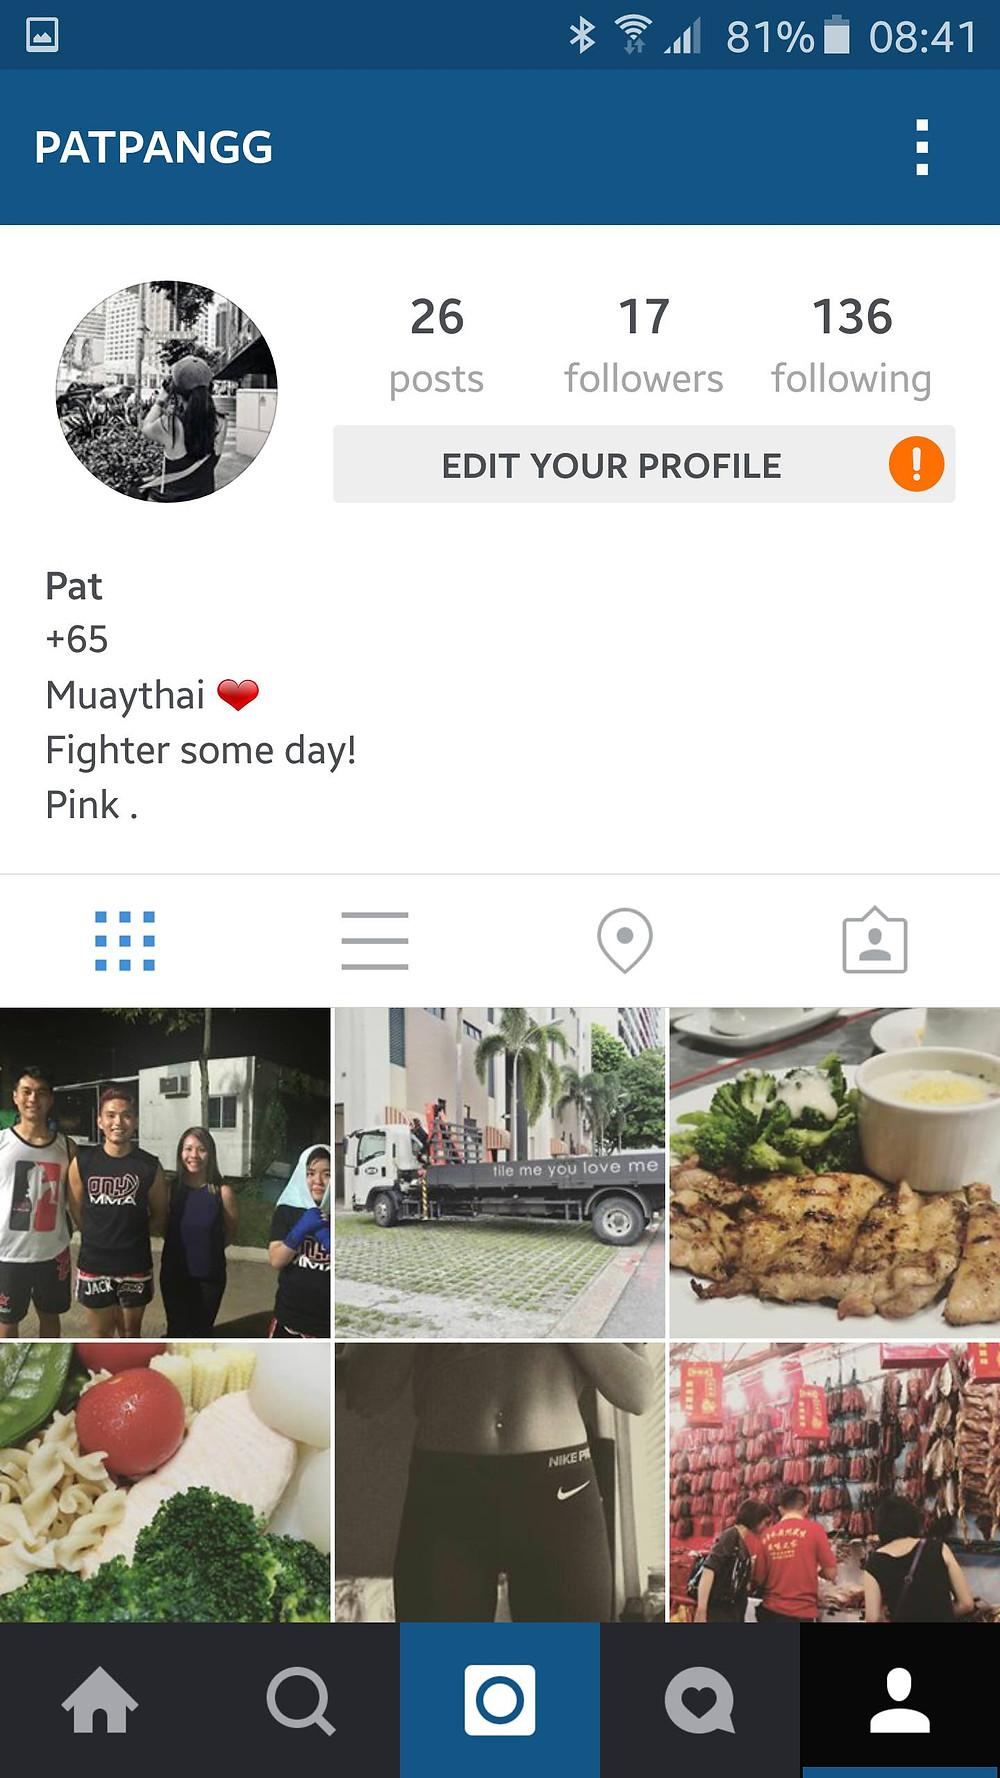 Pat Pang's IG Account